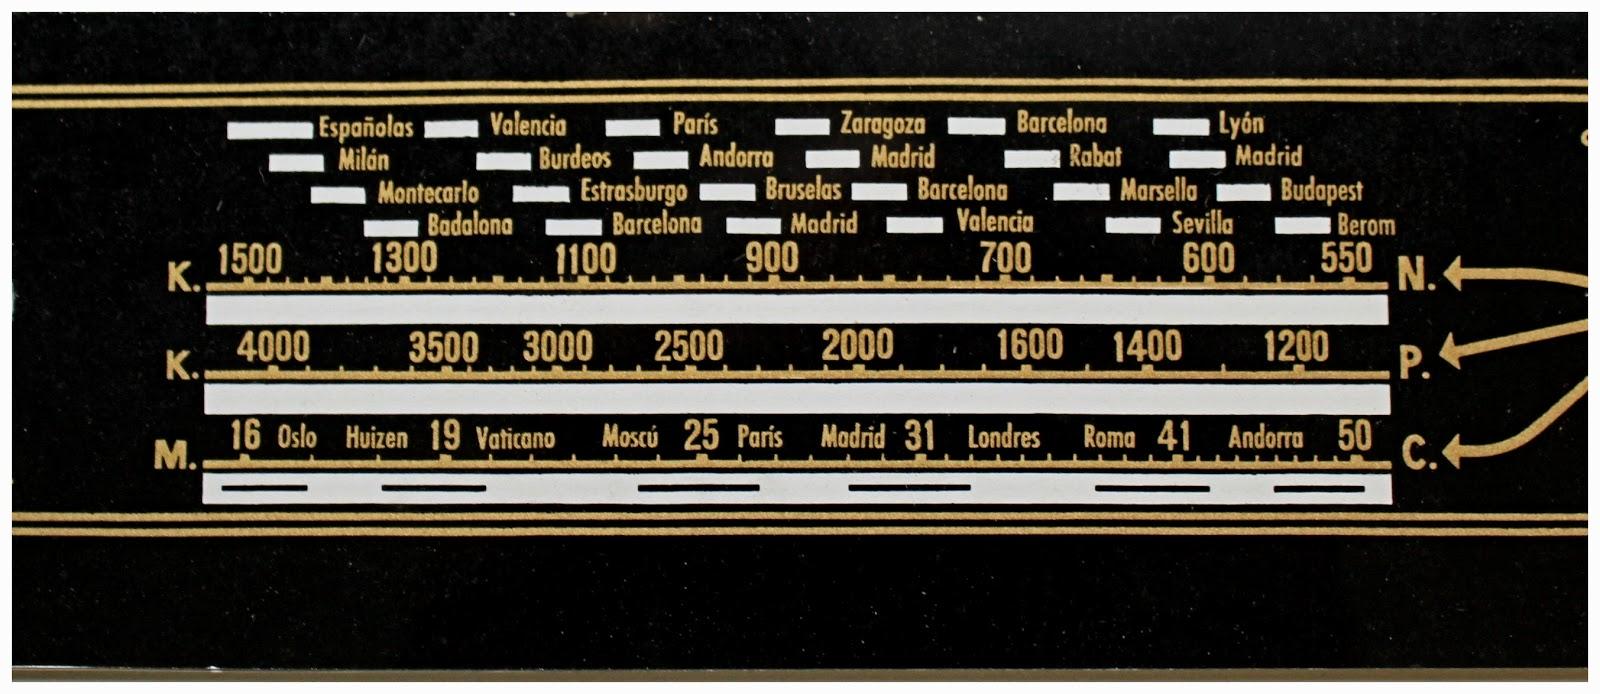 La radio de mi vida radios antiguas - Fotos radios antiguas ...